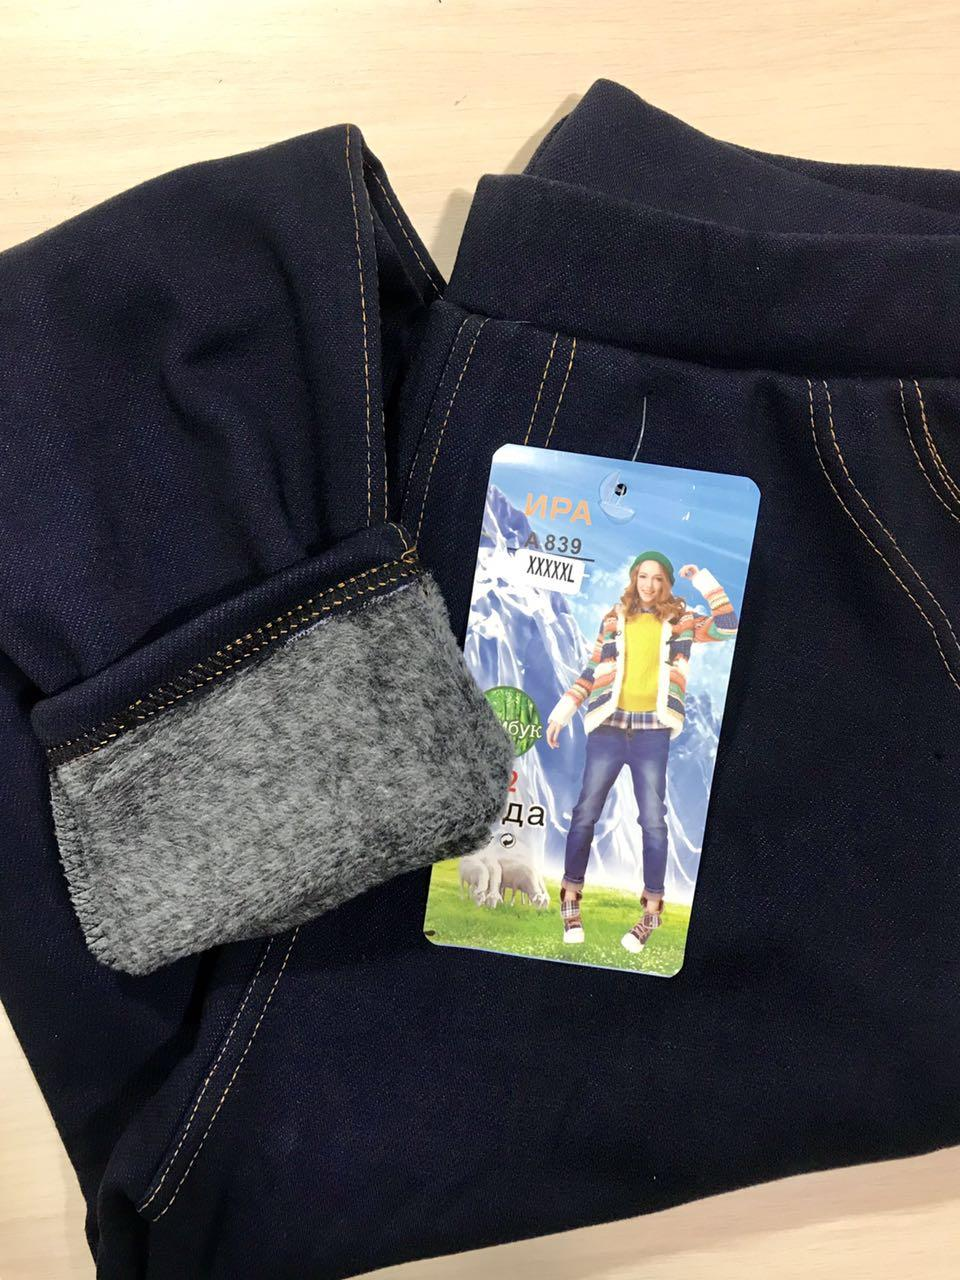 Лосіни жіночі утеплені хутром під джинс розмір 5XL/6XL 50-54 А839